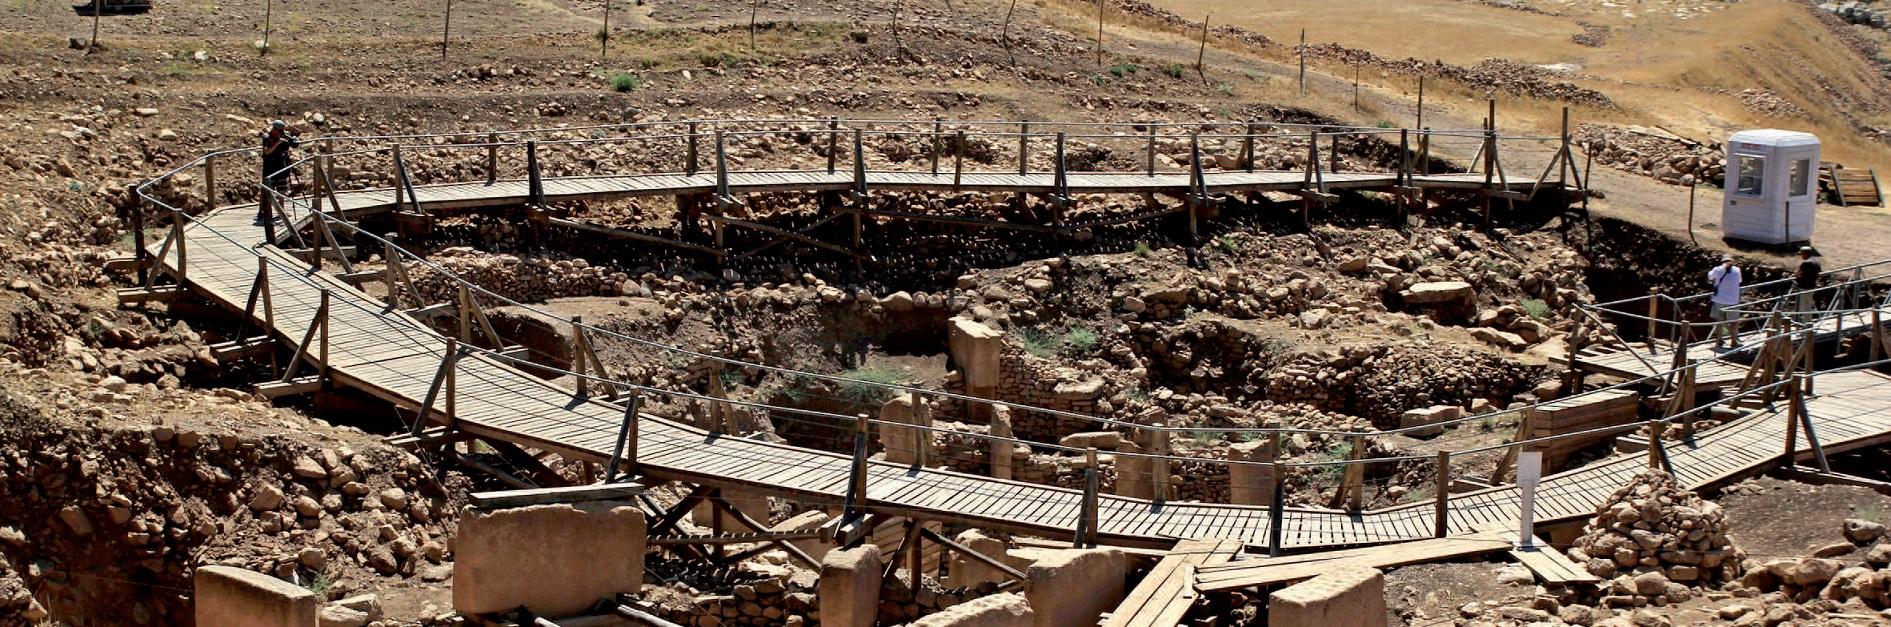 Şanlıurfa'da Göbeklitepe harabelerinin bulunduğu yerdeki arkeolojik kazı alanı